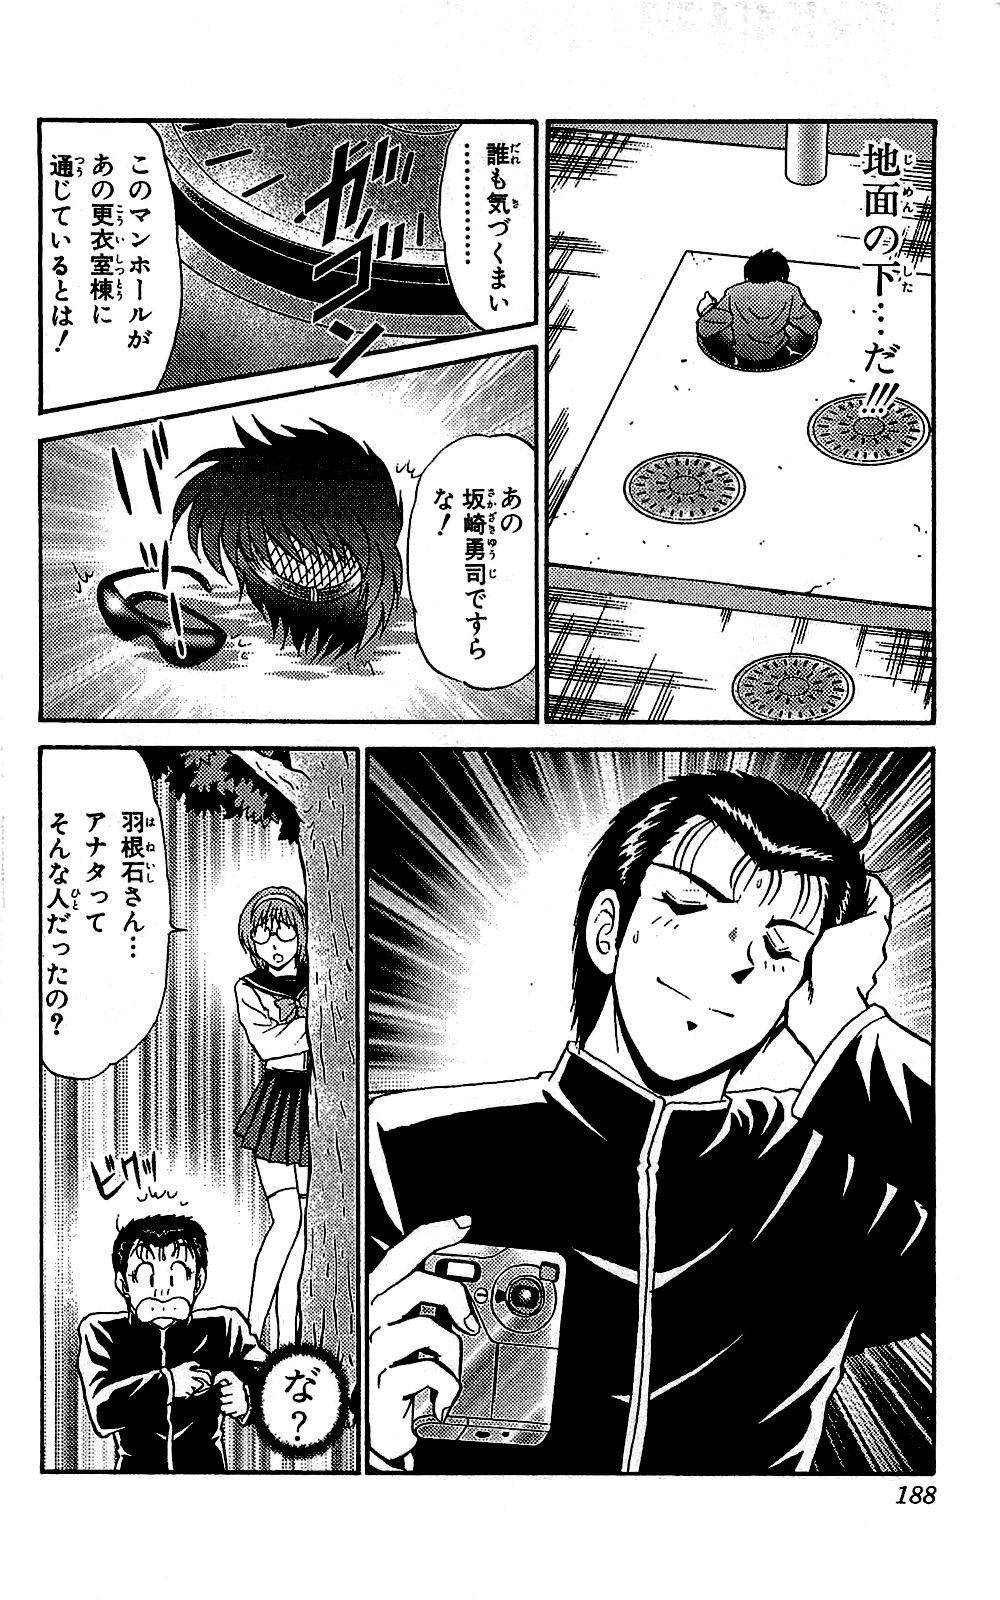 Miracle Make Yuuji 188